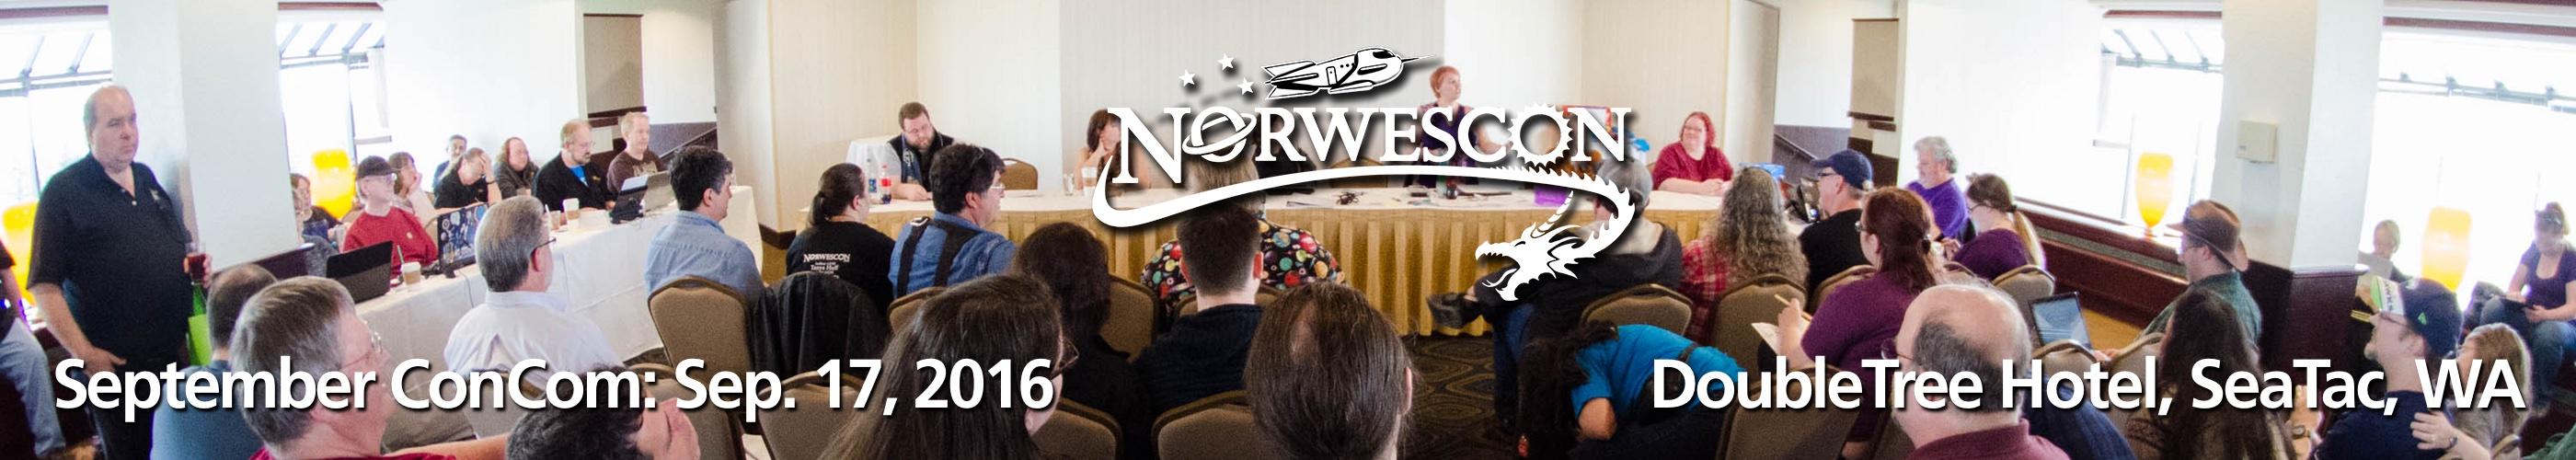 NWC40 September ConCom